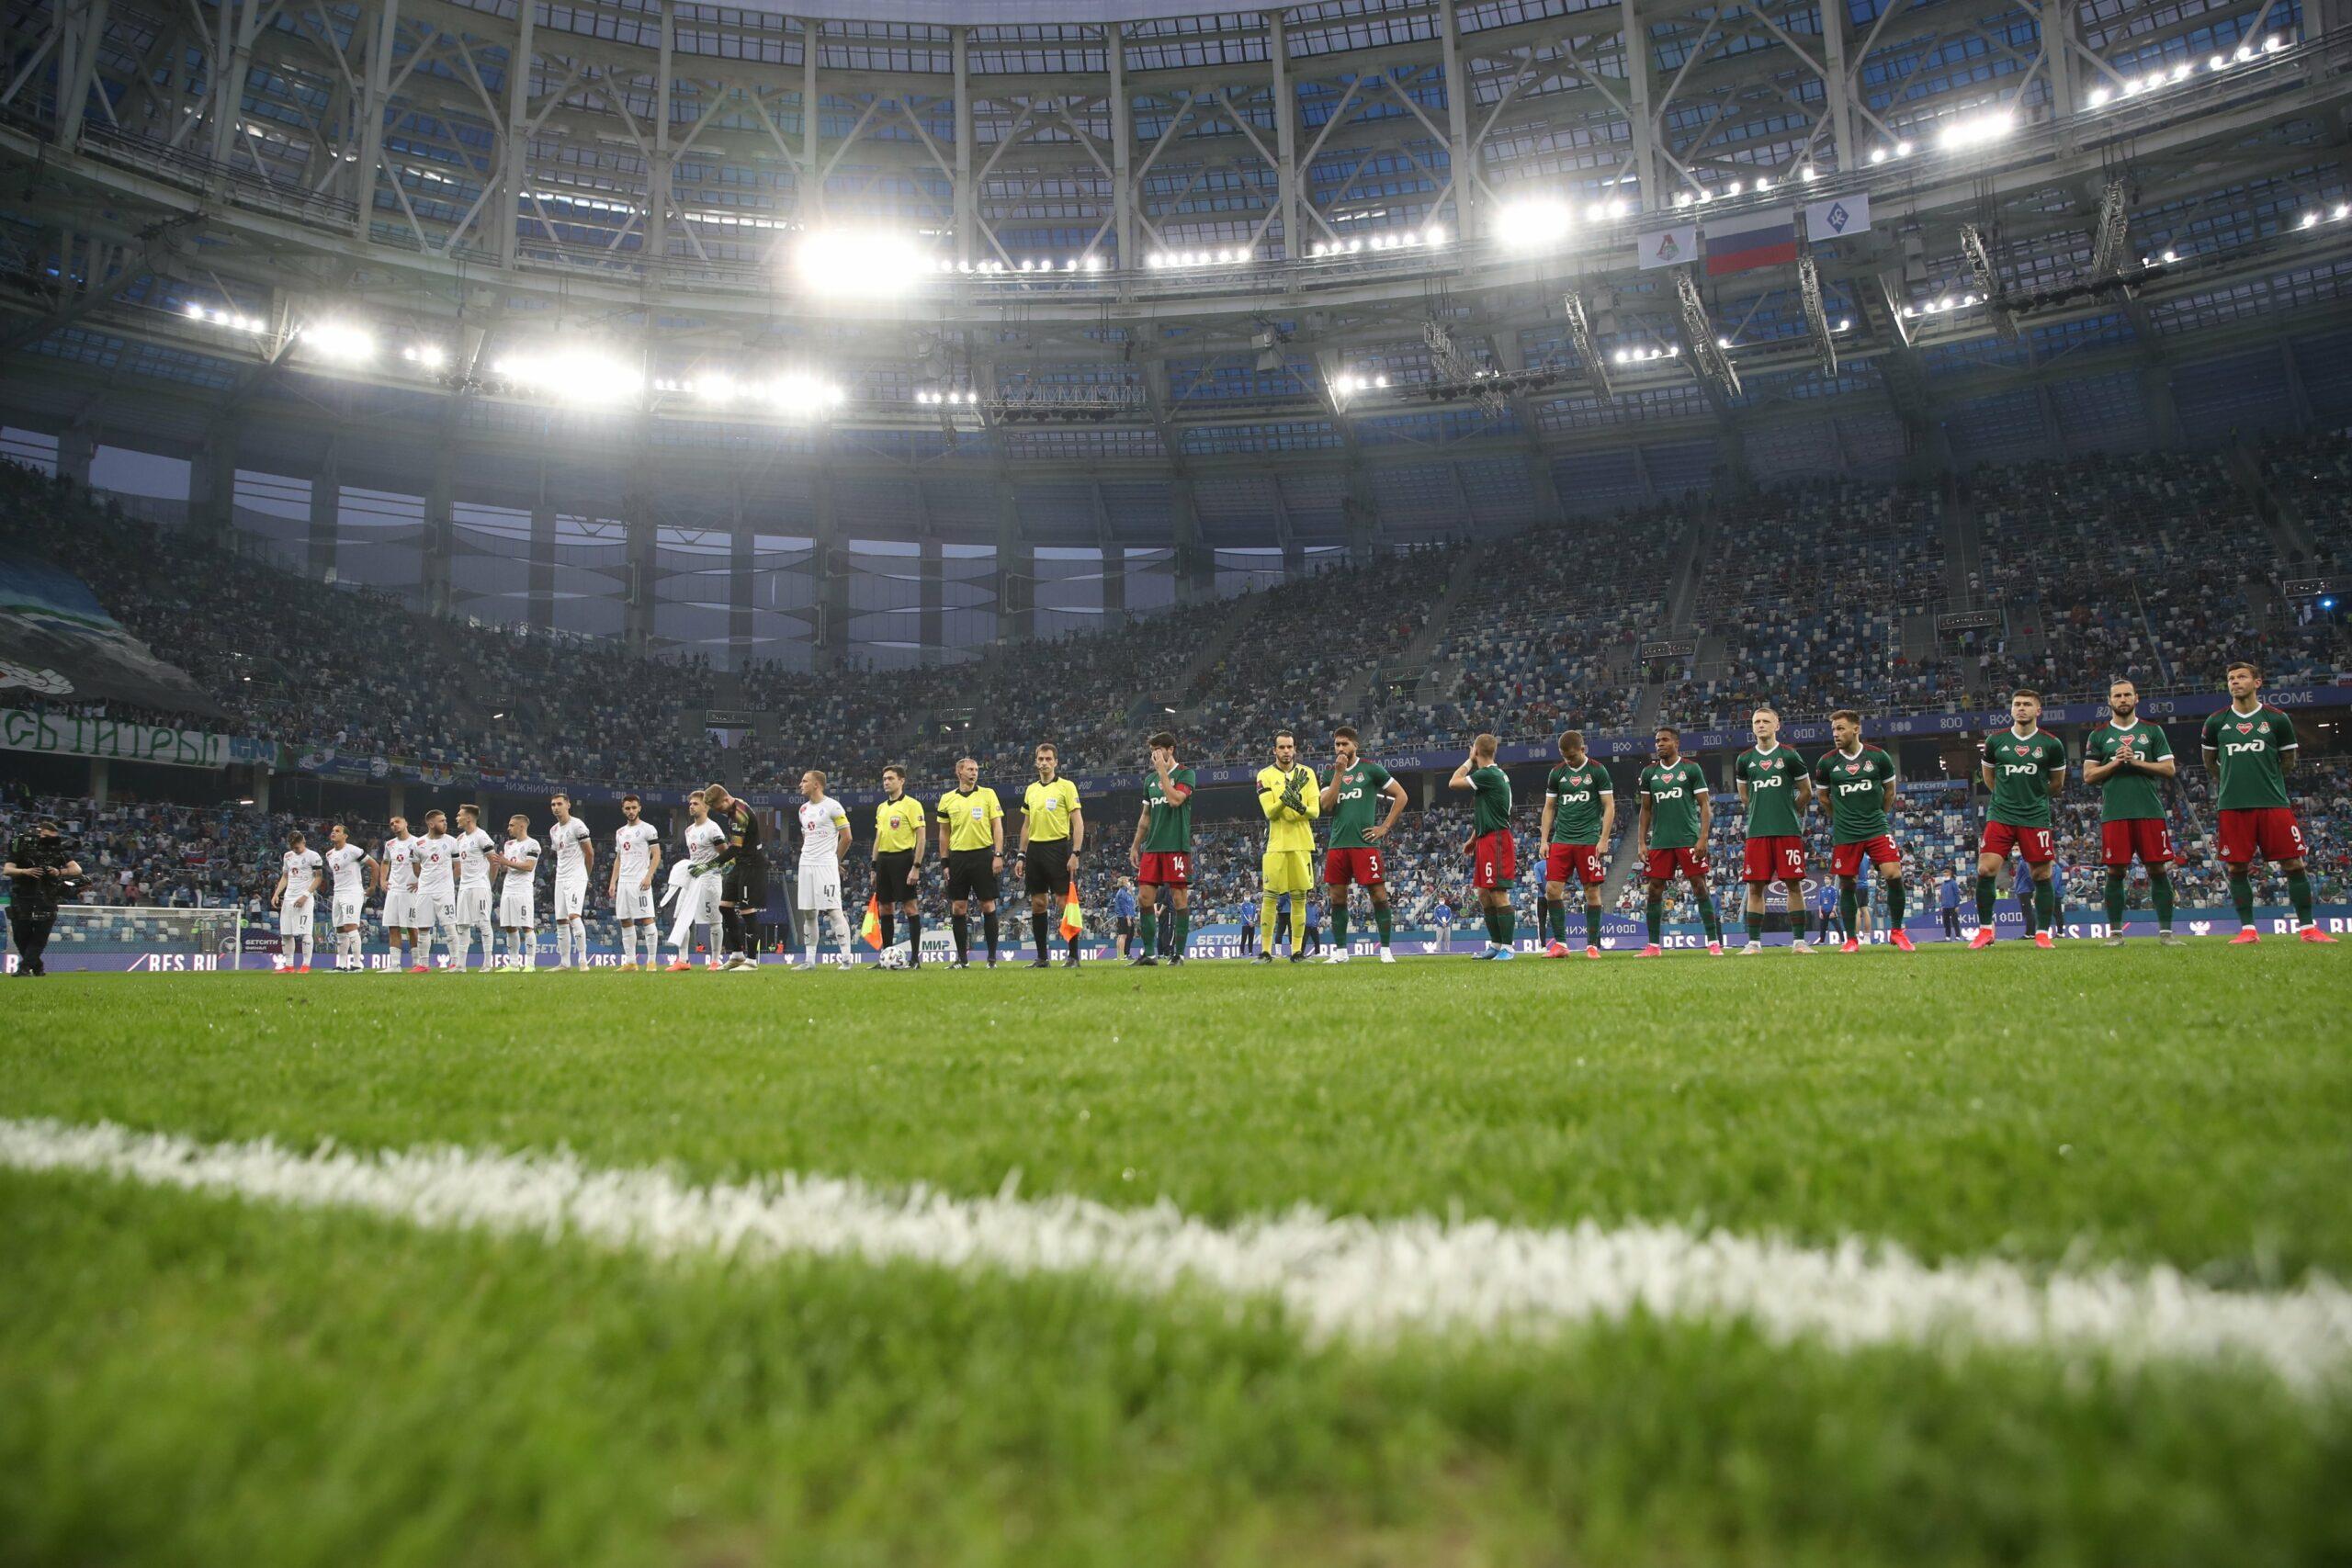 Russie : Zeffane et Krylya s'inclinent en finale de la Coupe - Algérie